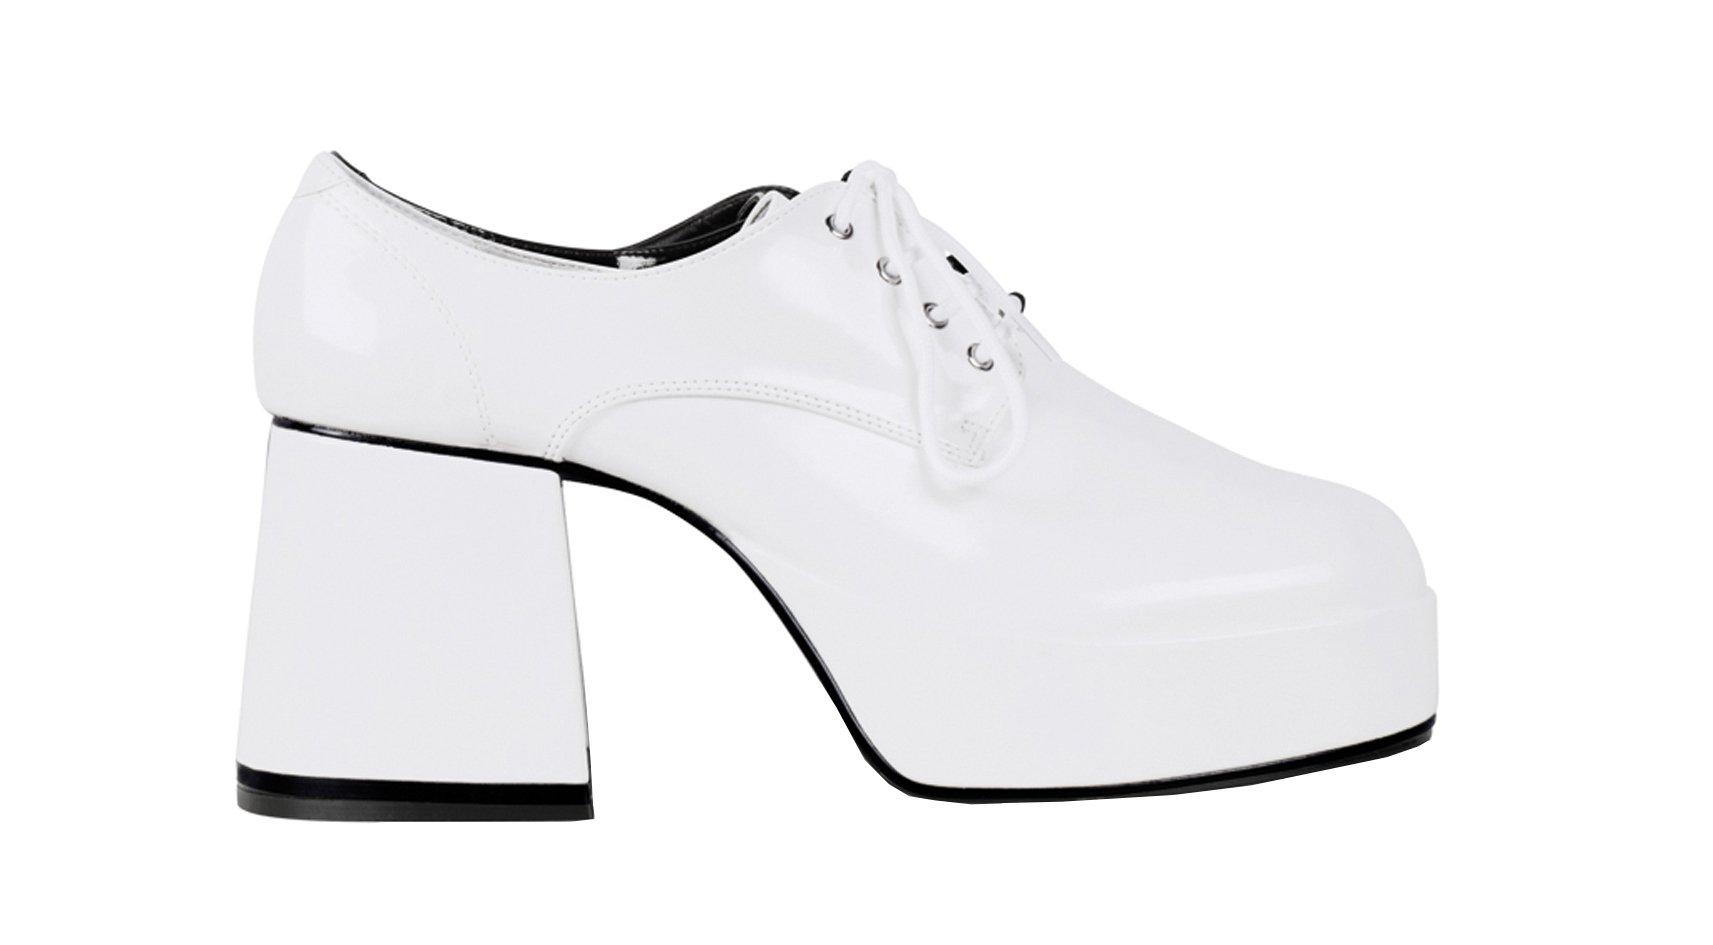 cbbe3067c4 Am besten bewertete Produkte in der Kategorie Schuhe - Amazon.de